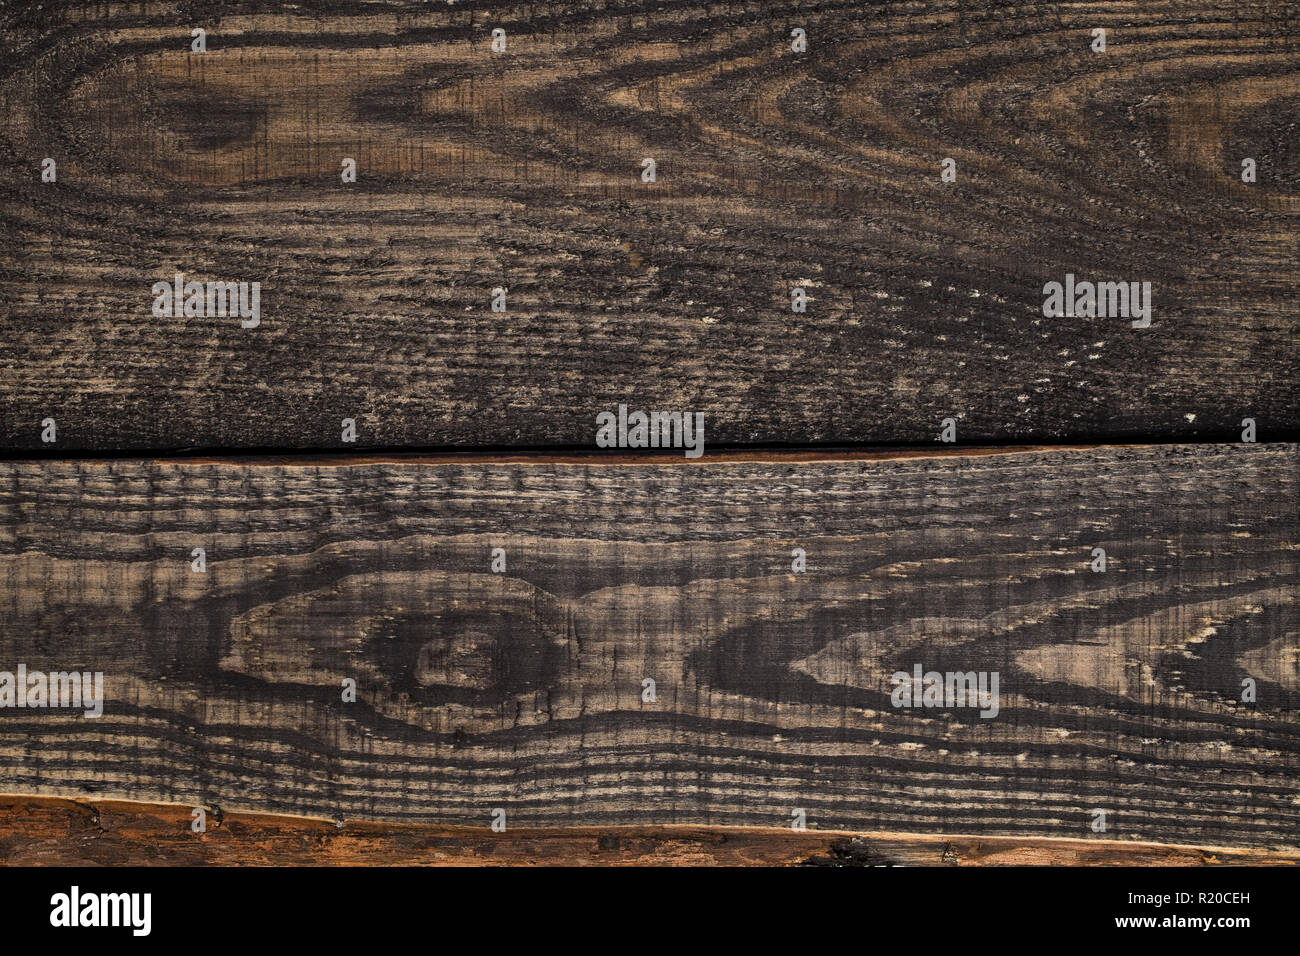 Close up rustico scuro muro fatto di legno vecchio tavolo plance texture.  Rustico in legno 0e690377290f